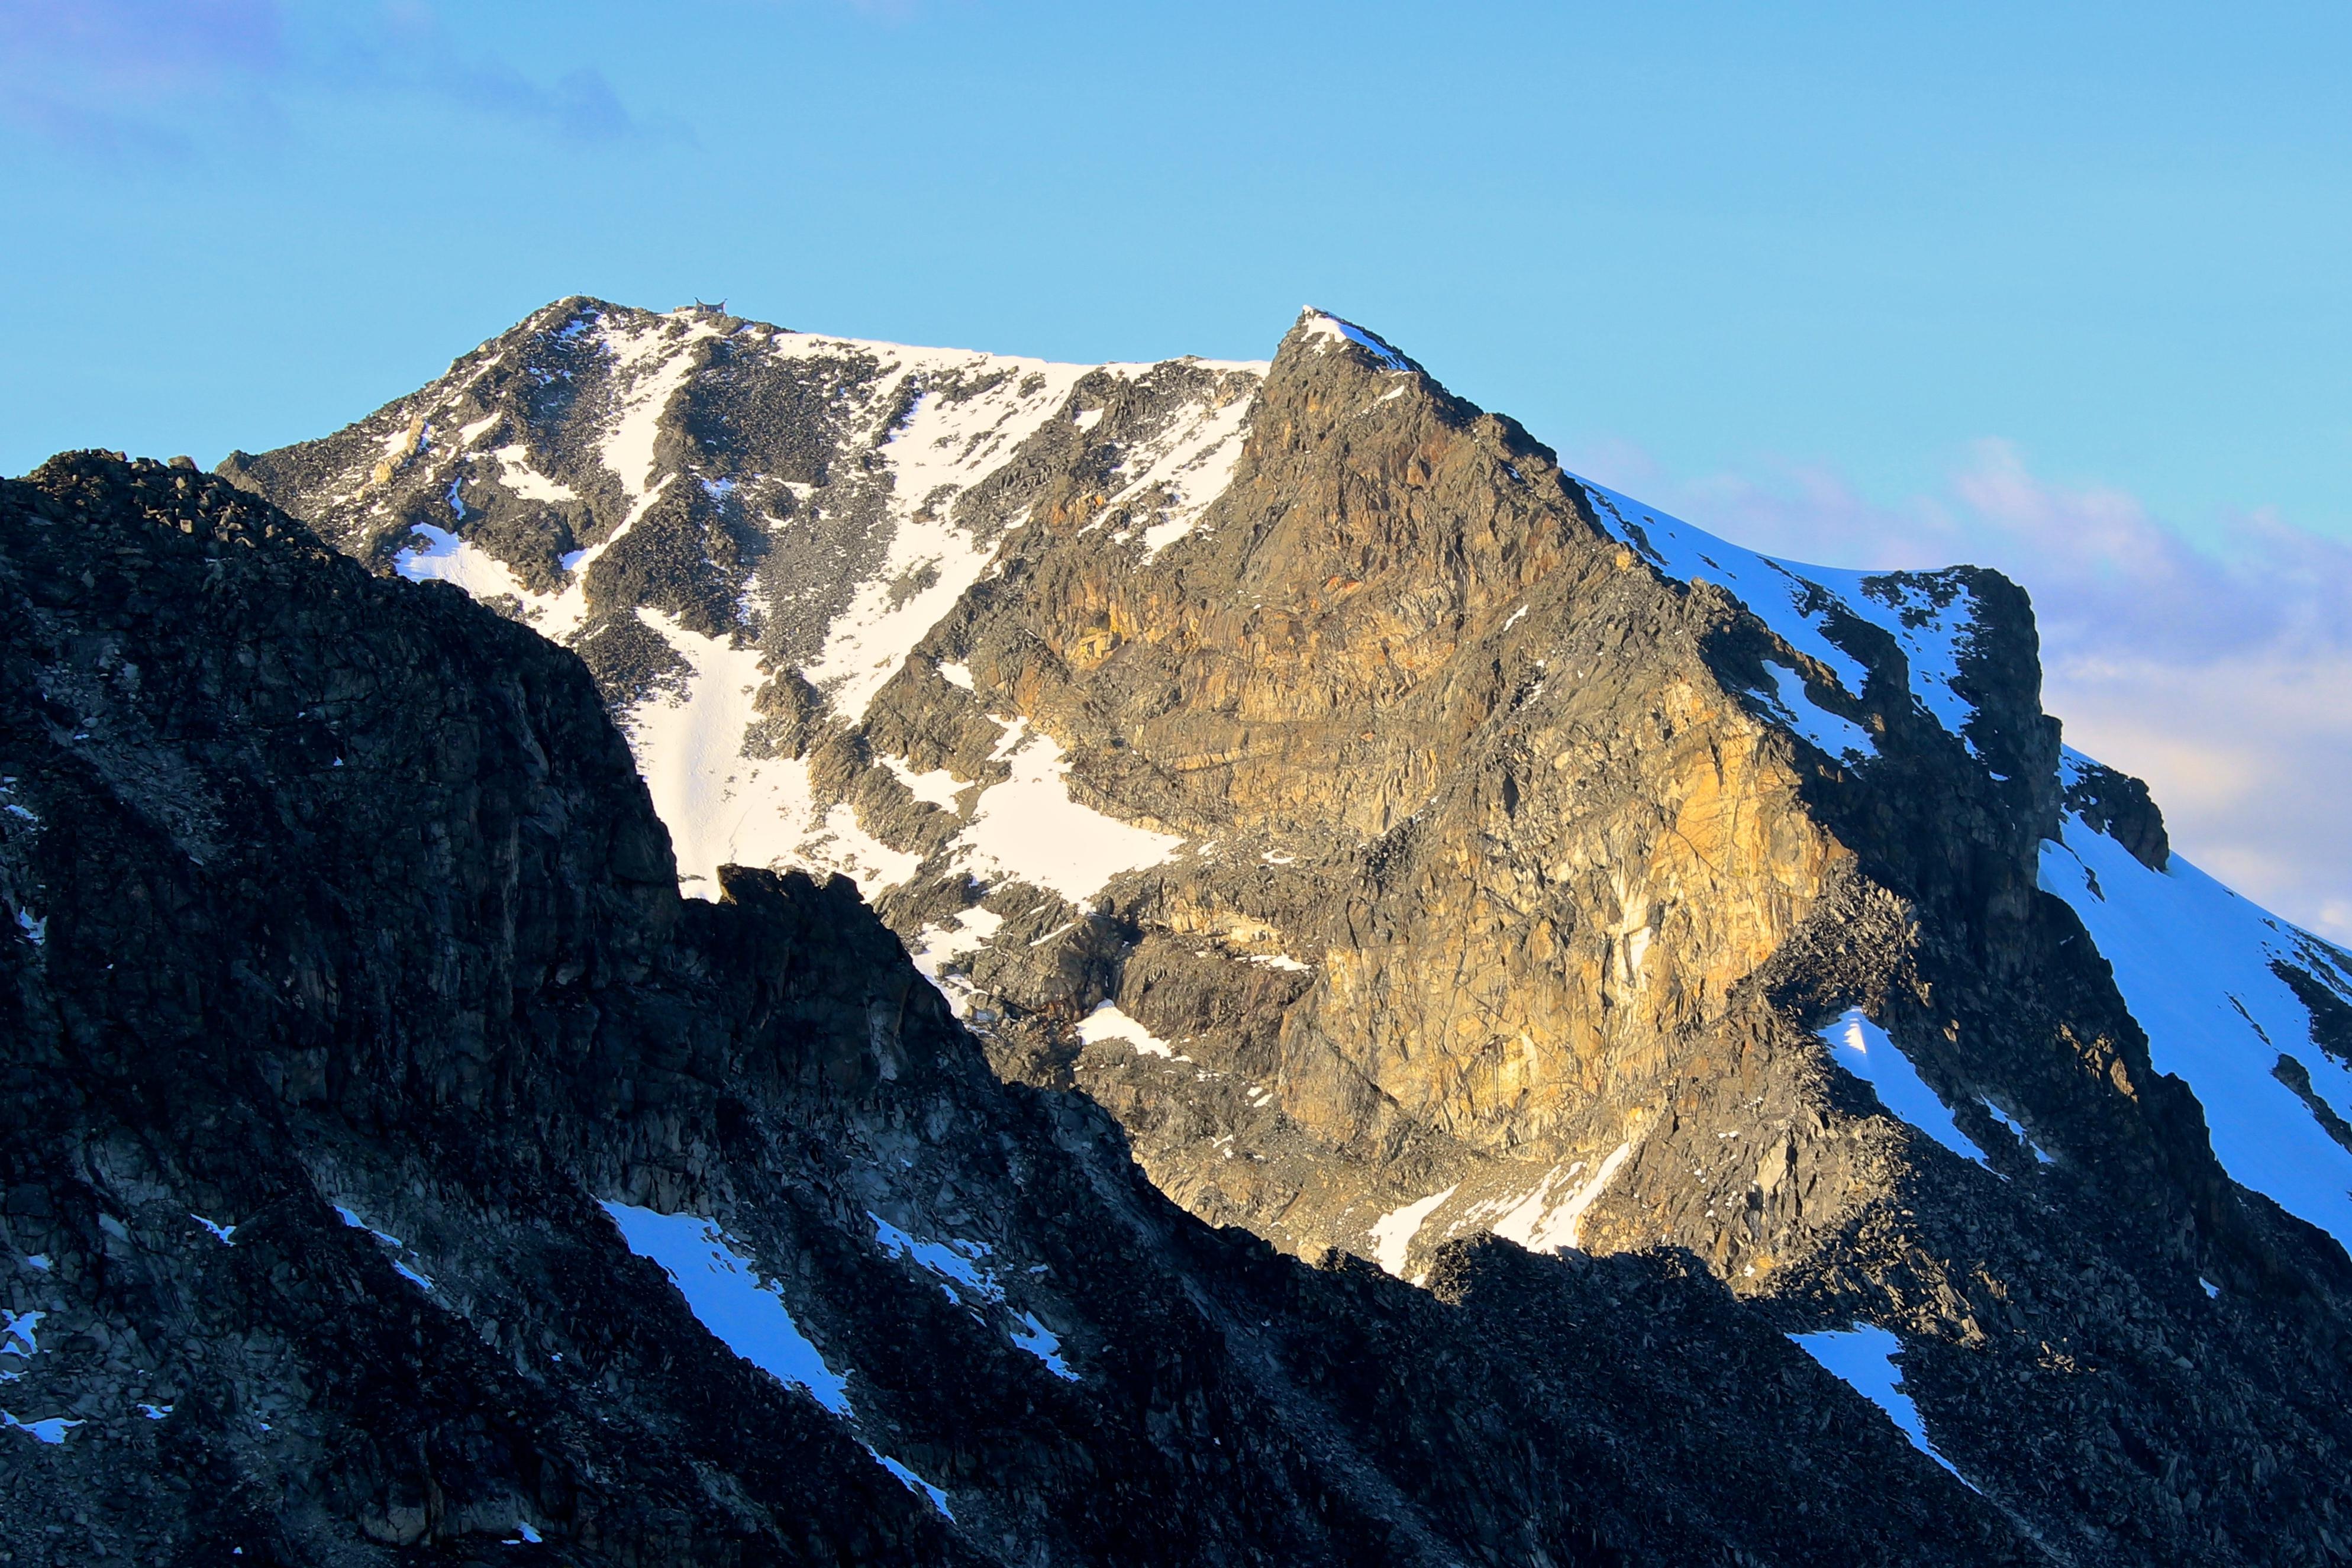 Sørvestryggen opp til toppen av Galdhøpiggen.